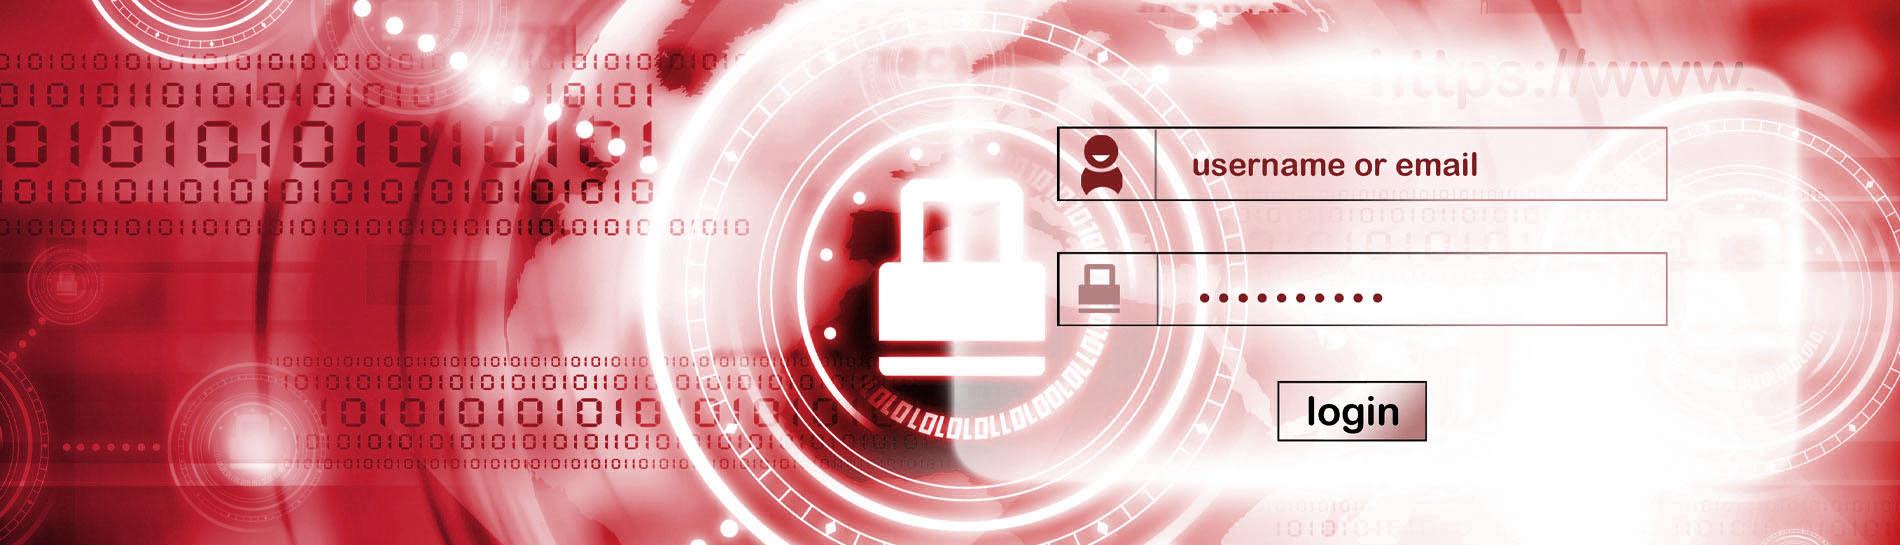 Guaranteed Virus Protection Banner